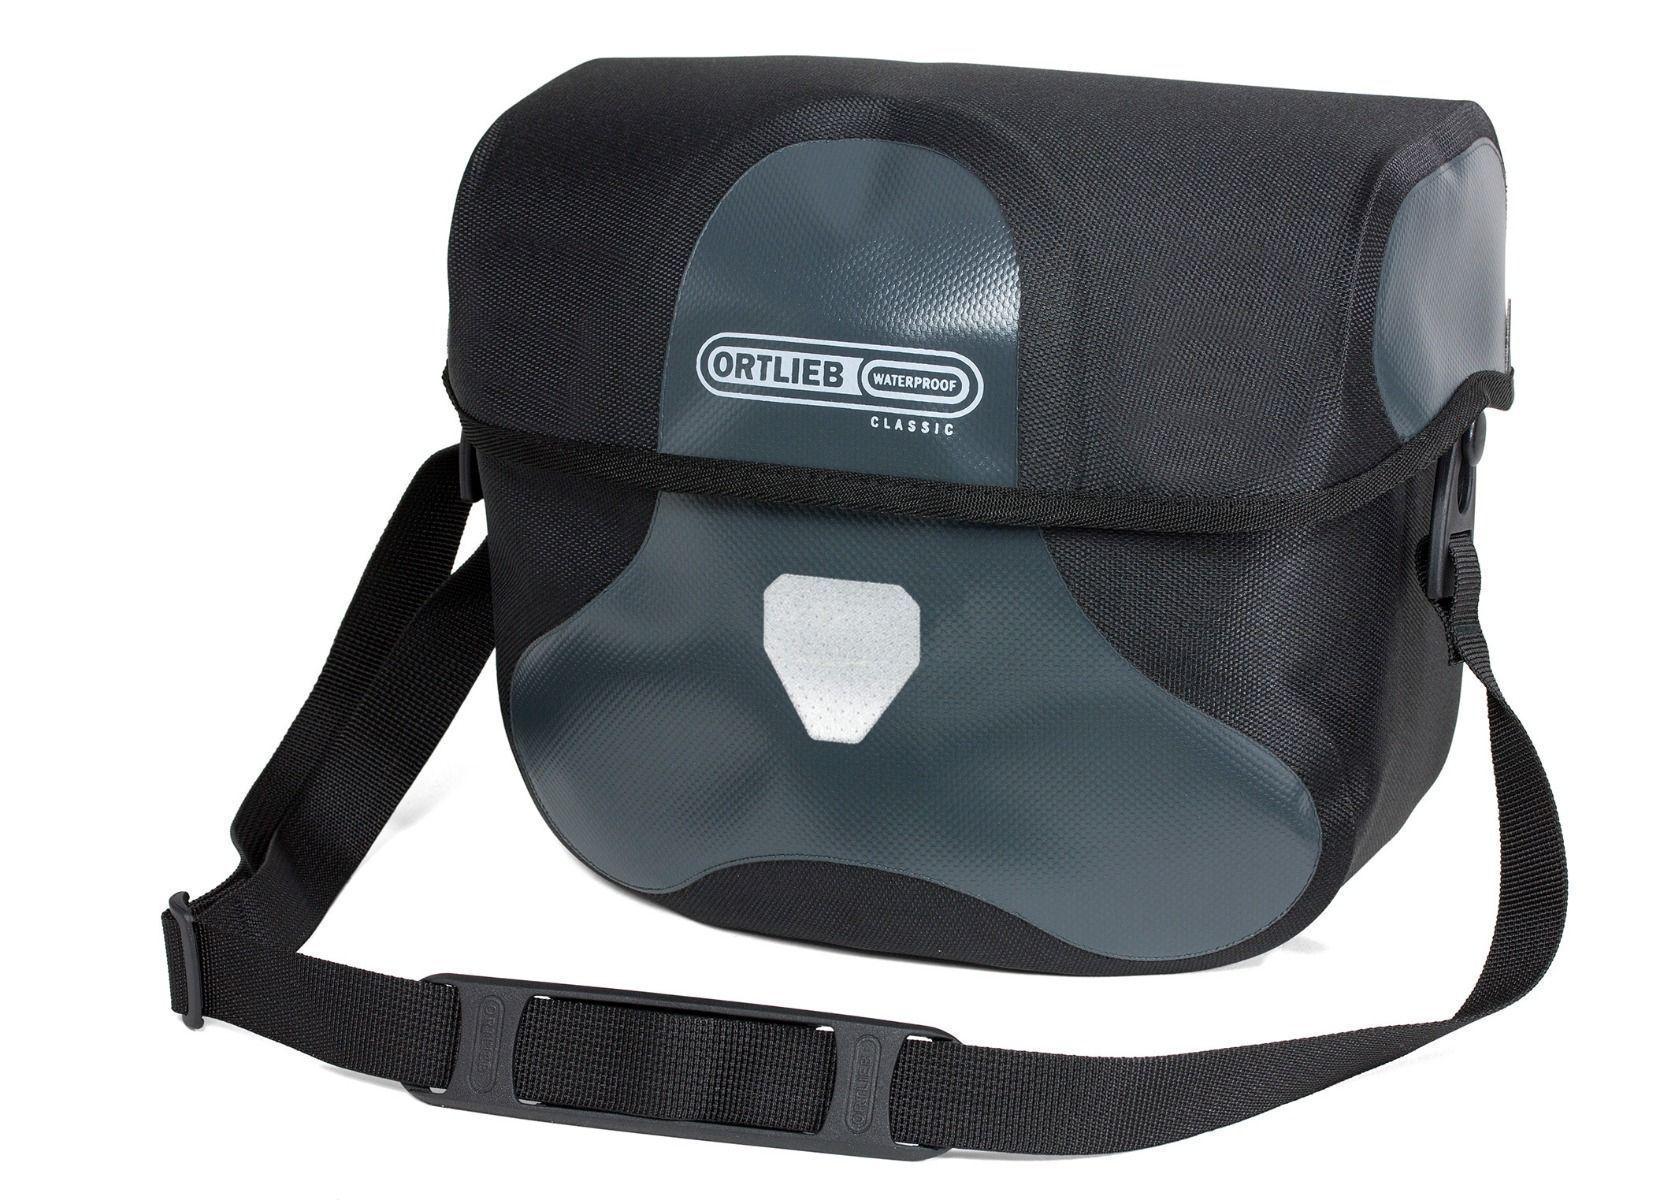 Zubehör/Taschen: Ortlieb ORTLIEB Lenkertaschen Ultimate Six Classic 7 Liter